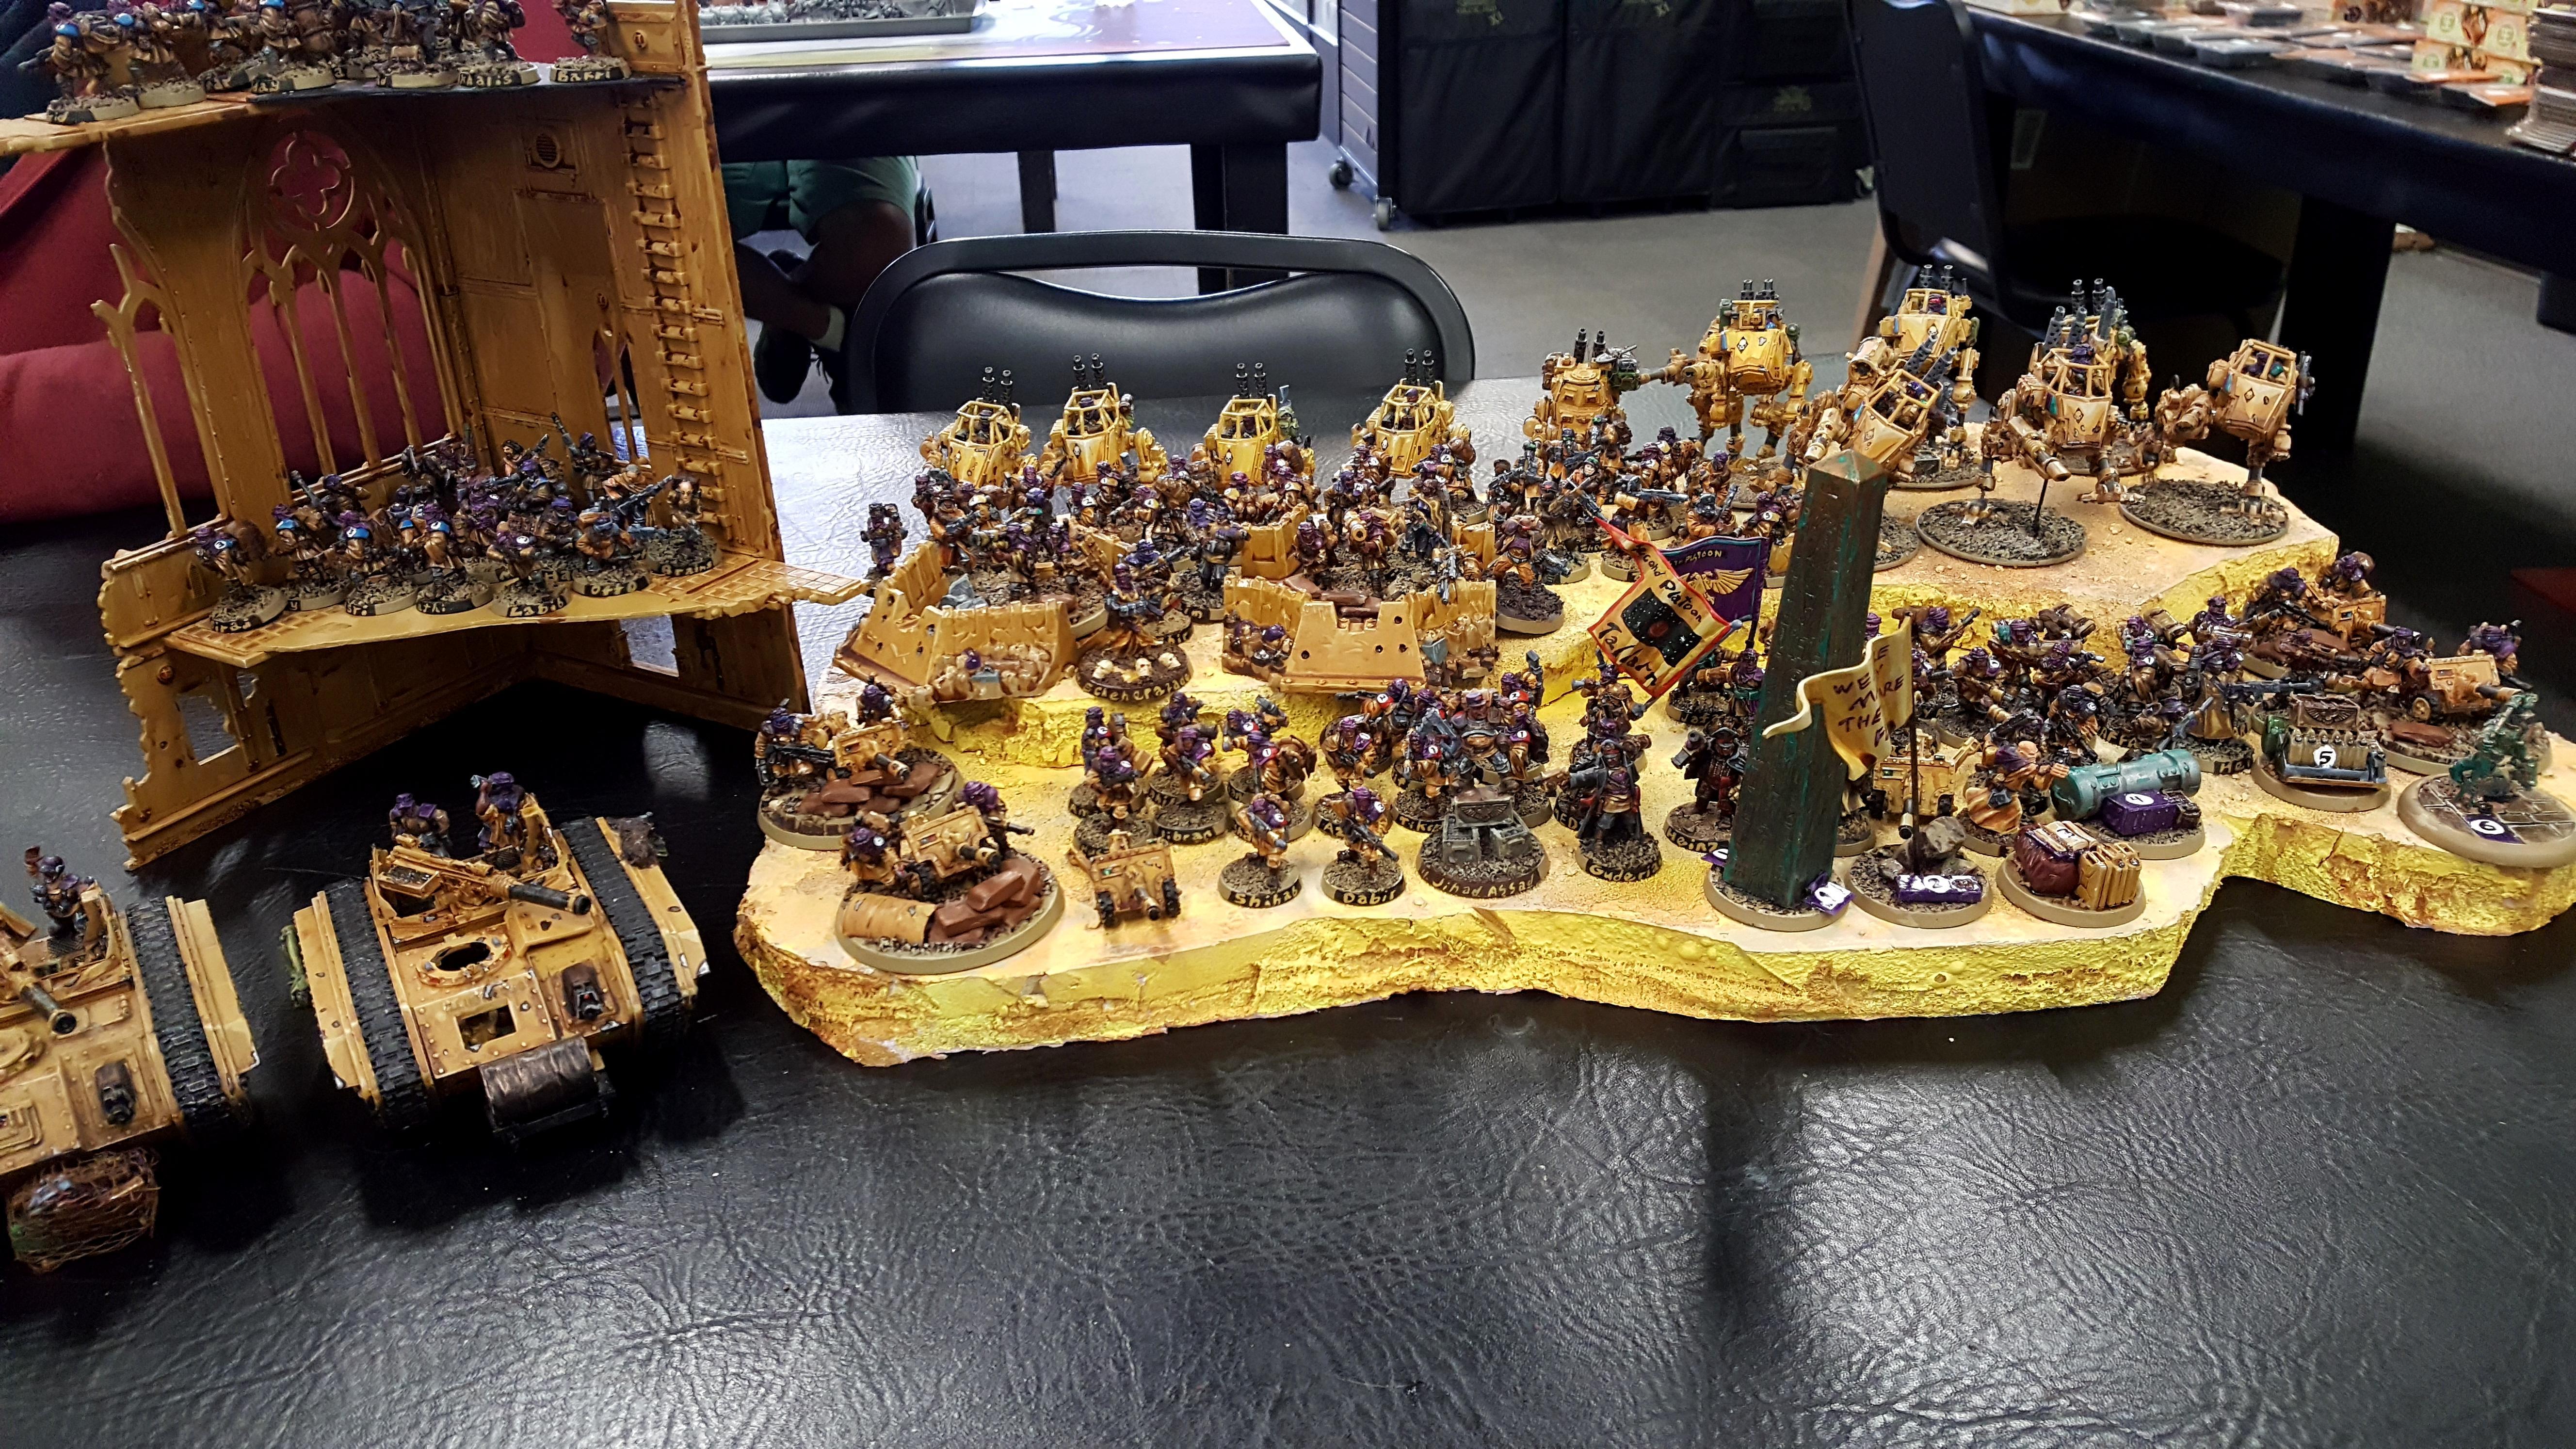 Imperial Guard, Sentinel, Tallarn 23rd, Tallarn Desert Raiders